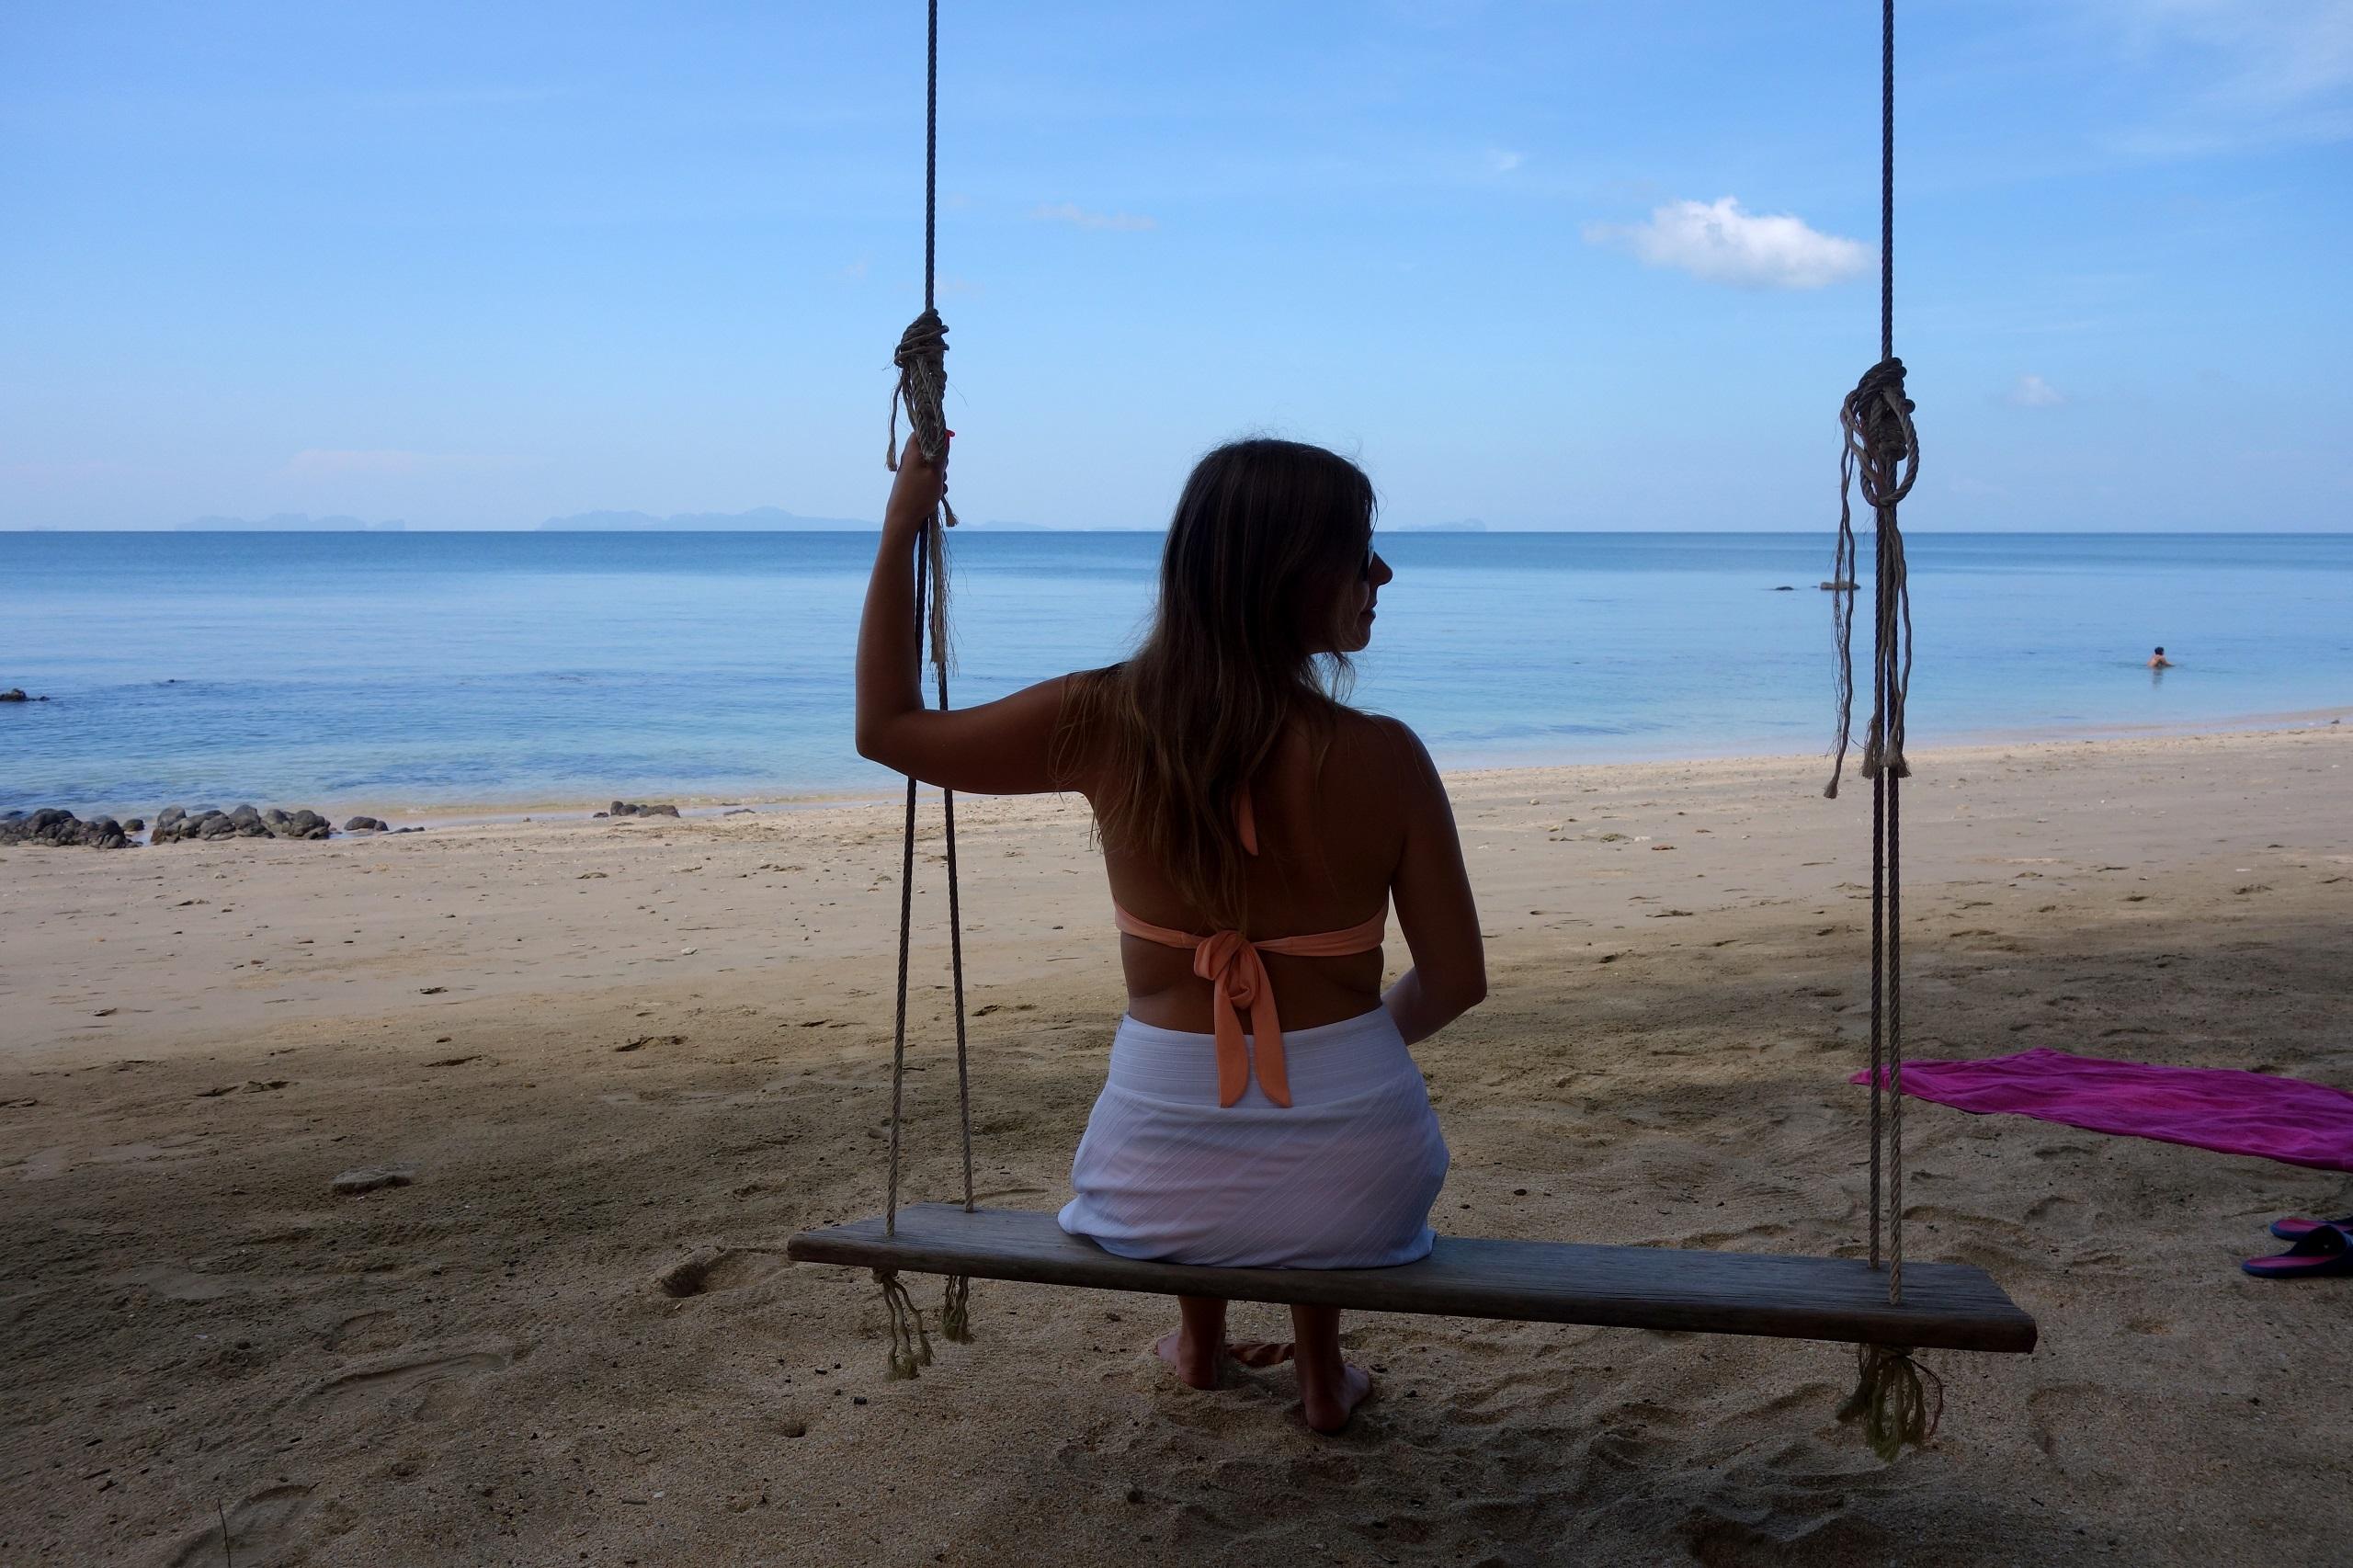 Huśtawka na rajskiej wyspie Koh Jum - Tajlandia